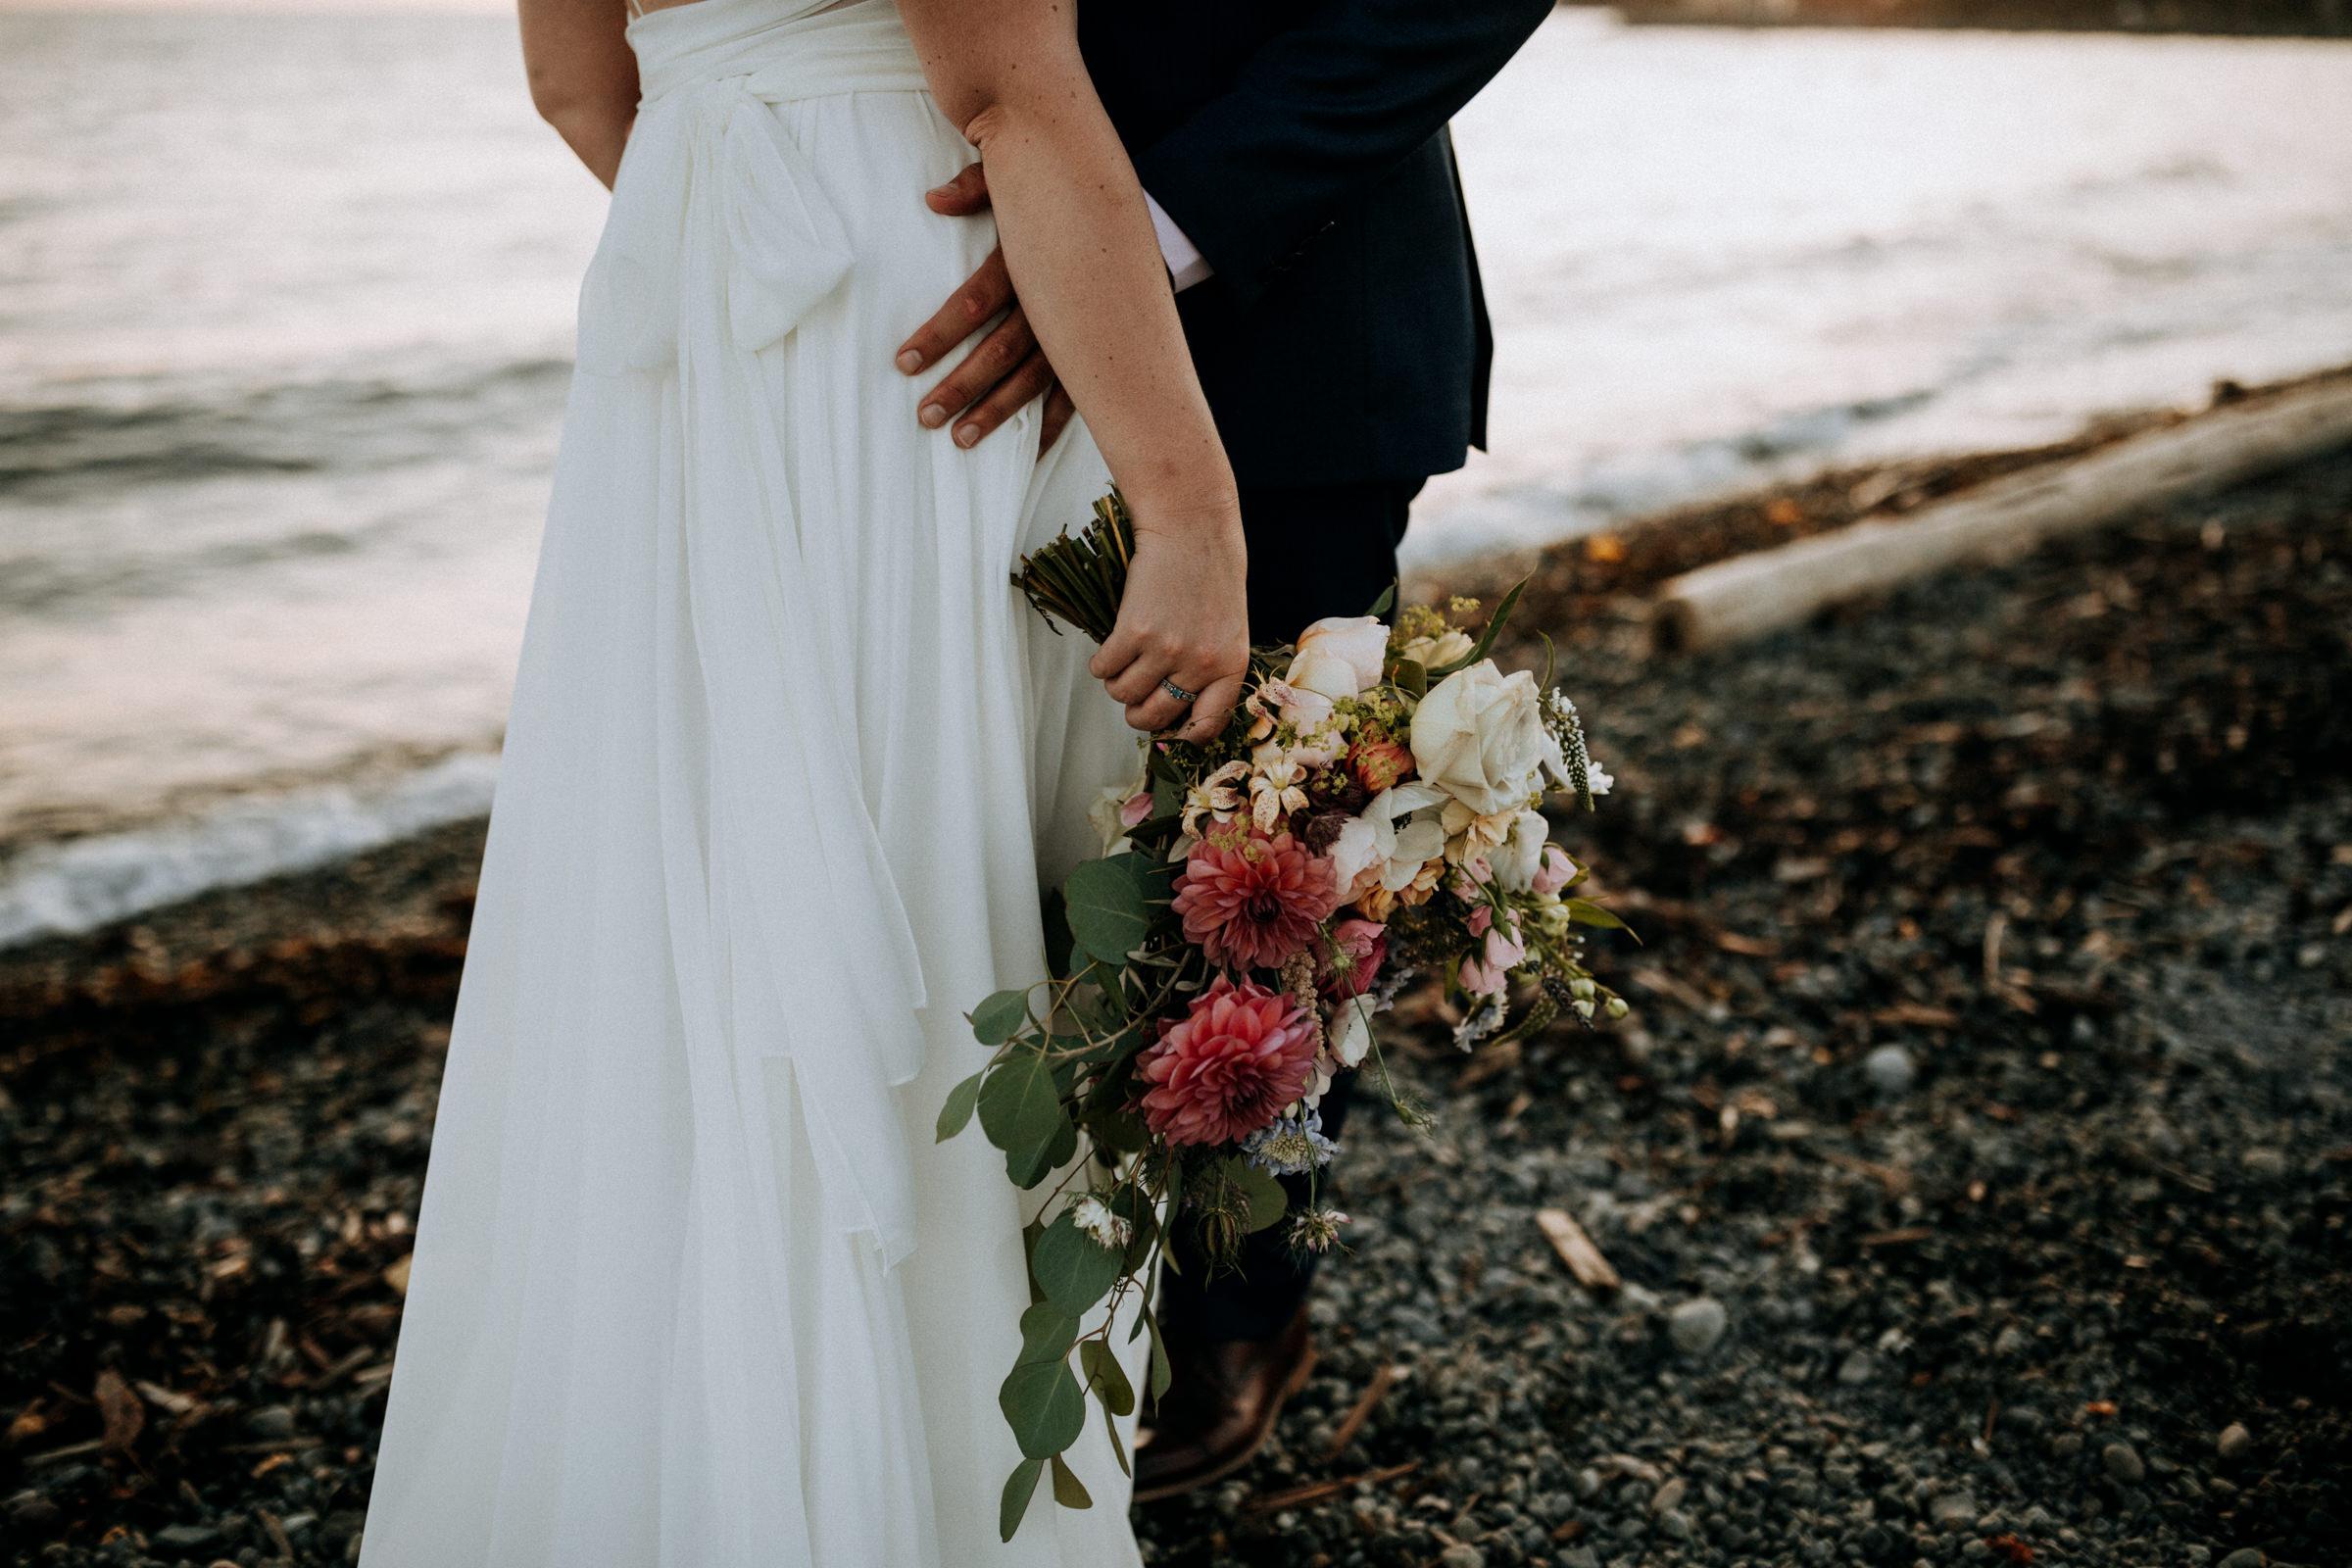 brides bouquet in sunset Ambleside Park West Vancouver